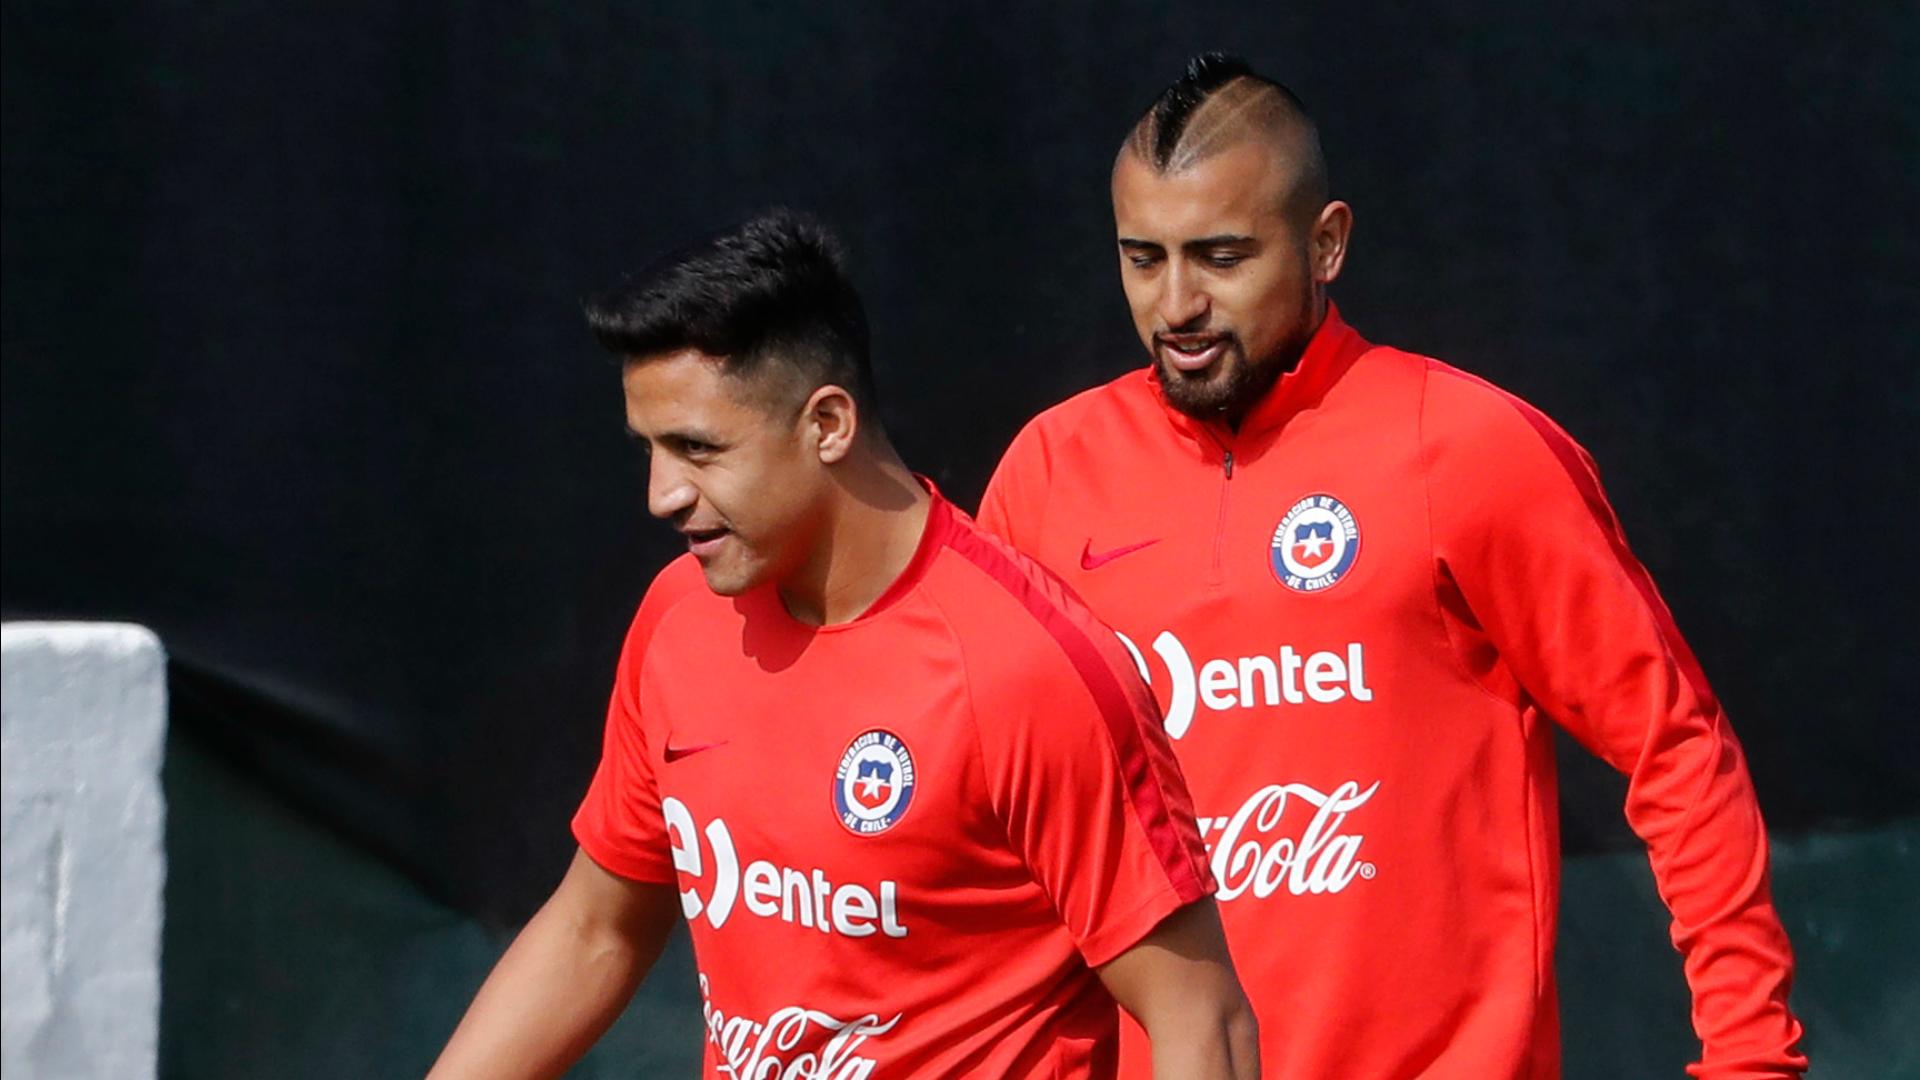 José Sulantay critica duramente a Alexis Sánchez y Arturo Vidal